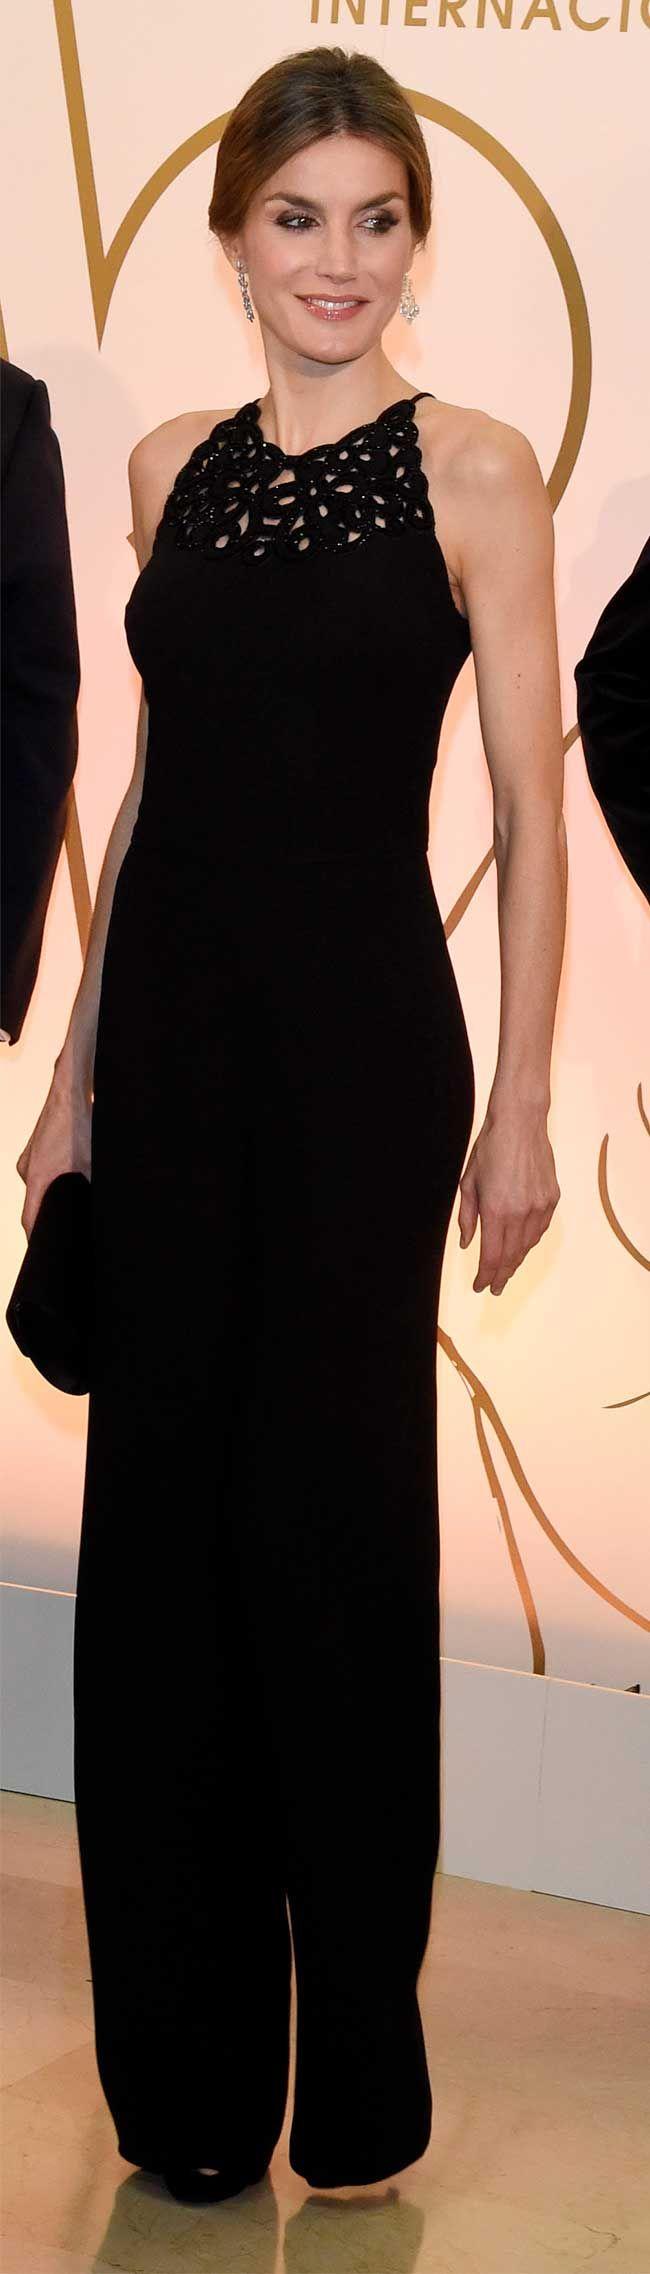 Queen Letizia - Night style - La Reina Letizia ha entregado junto al Rey los premios periodísticos de ABC en el marco de una distendida cena.